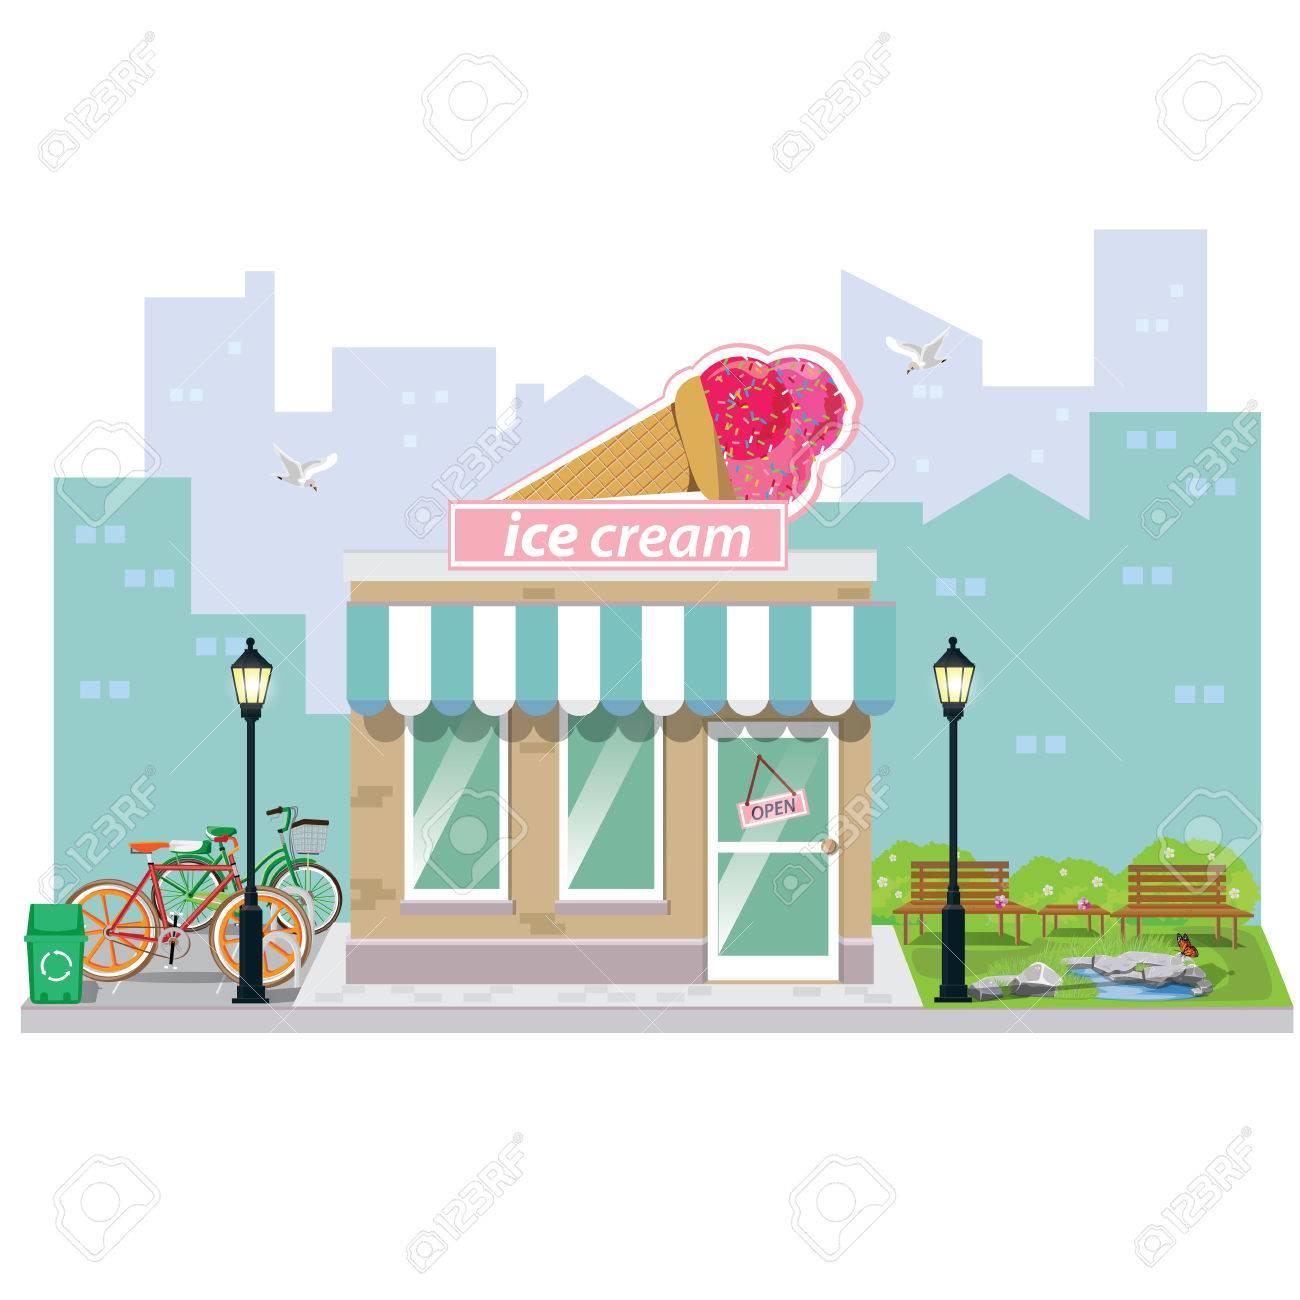 イラスト。アイスクリームと店建物のファサード。 ロイヤリティフリー